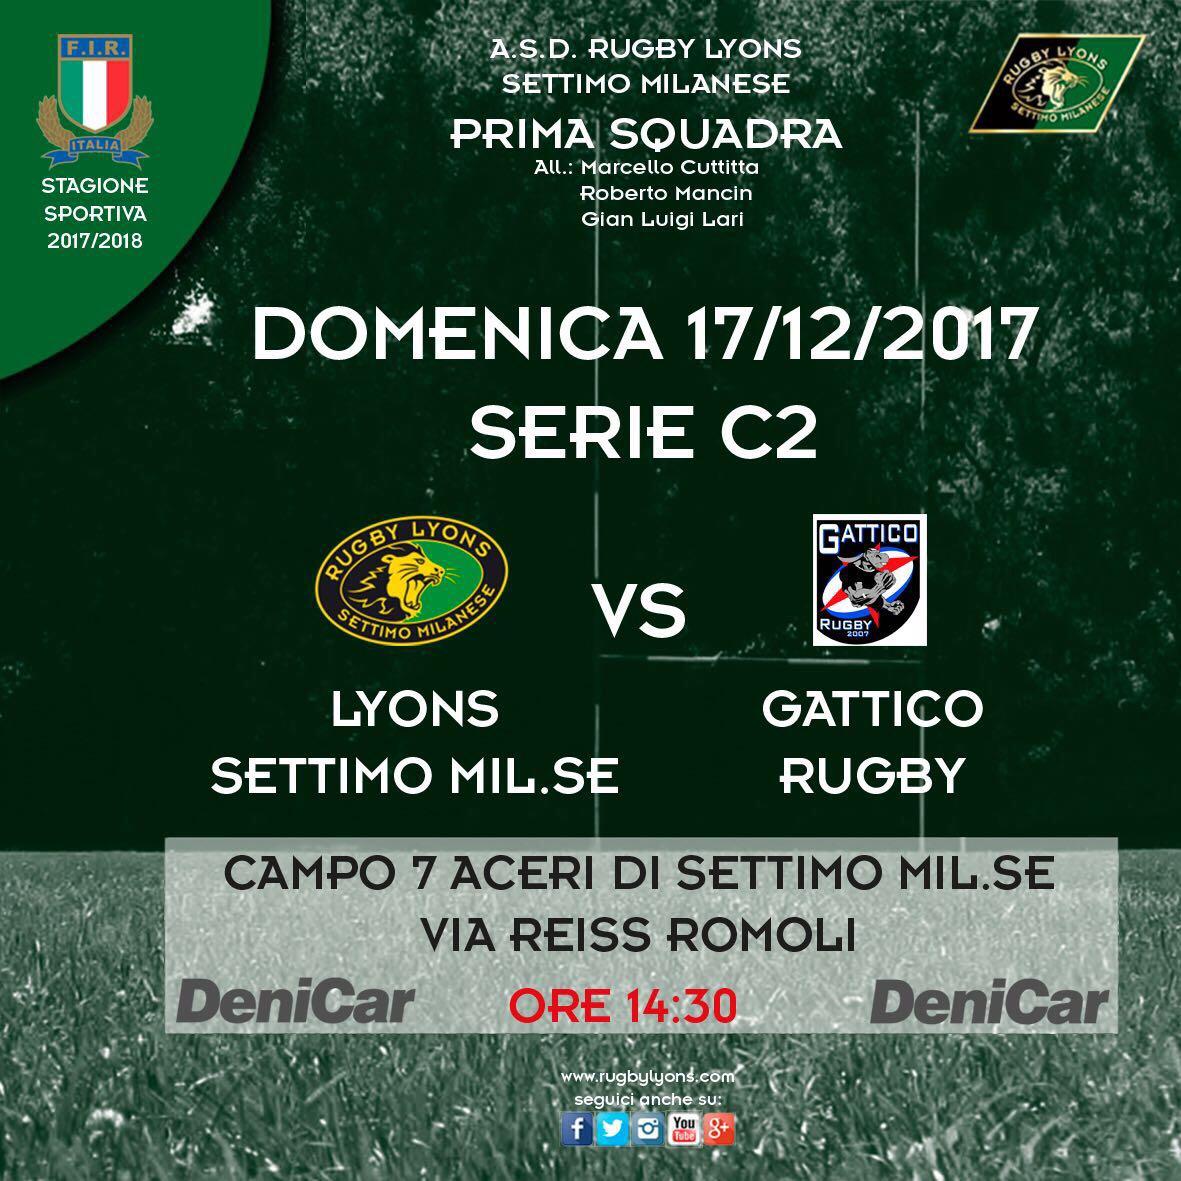 17/12/17 – Partita Prima Squadra campionato di serie C2